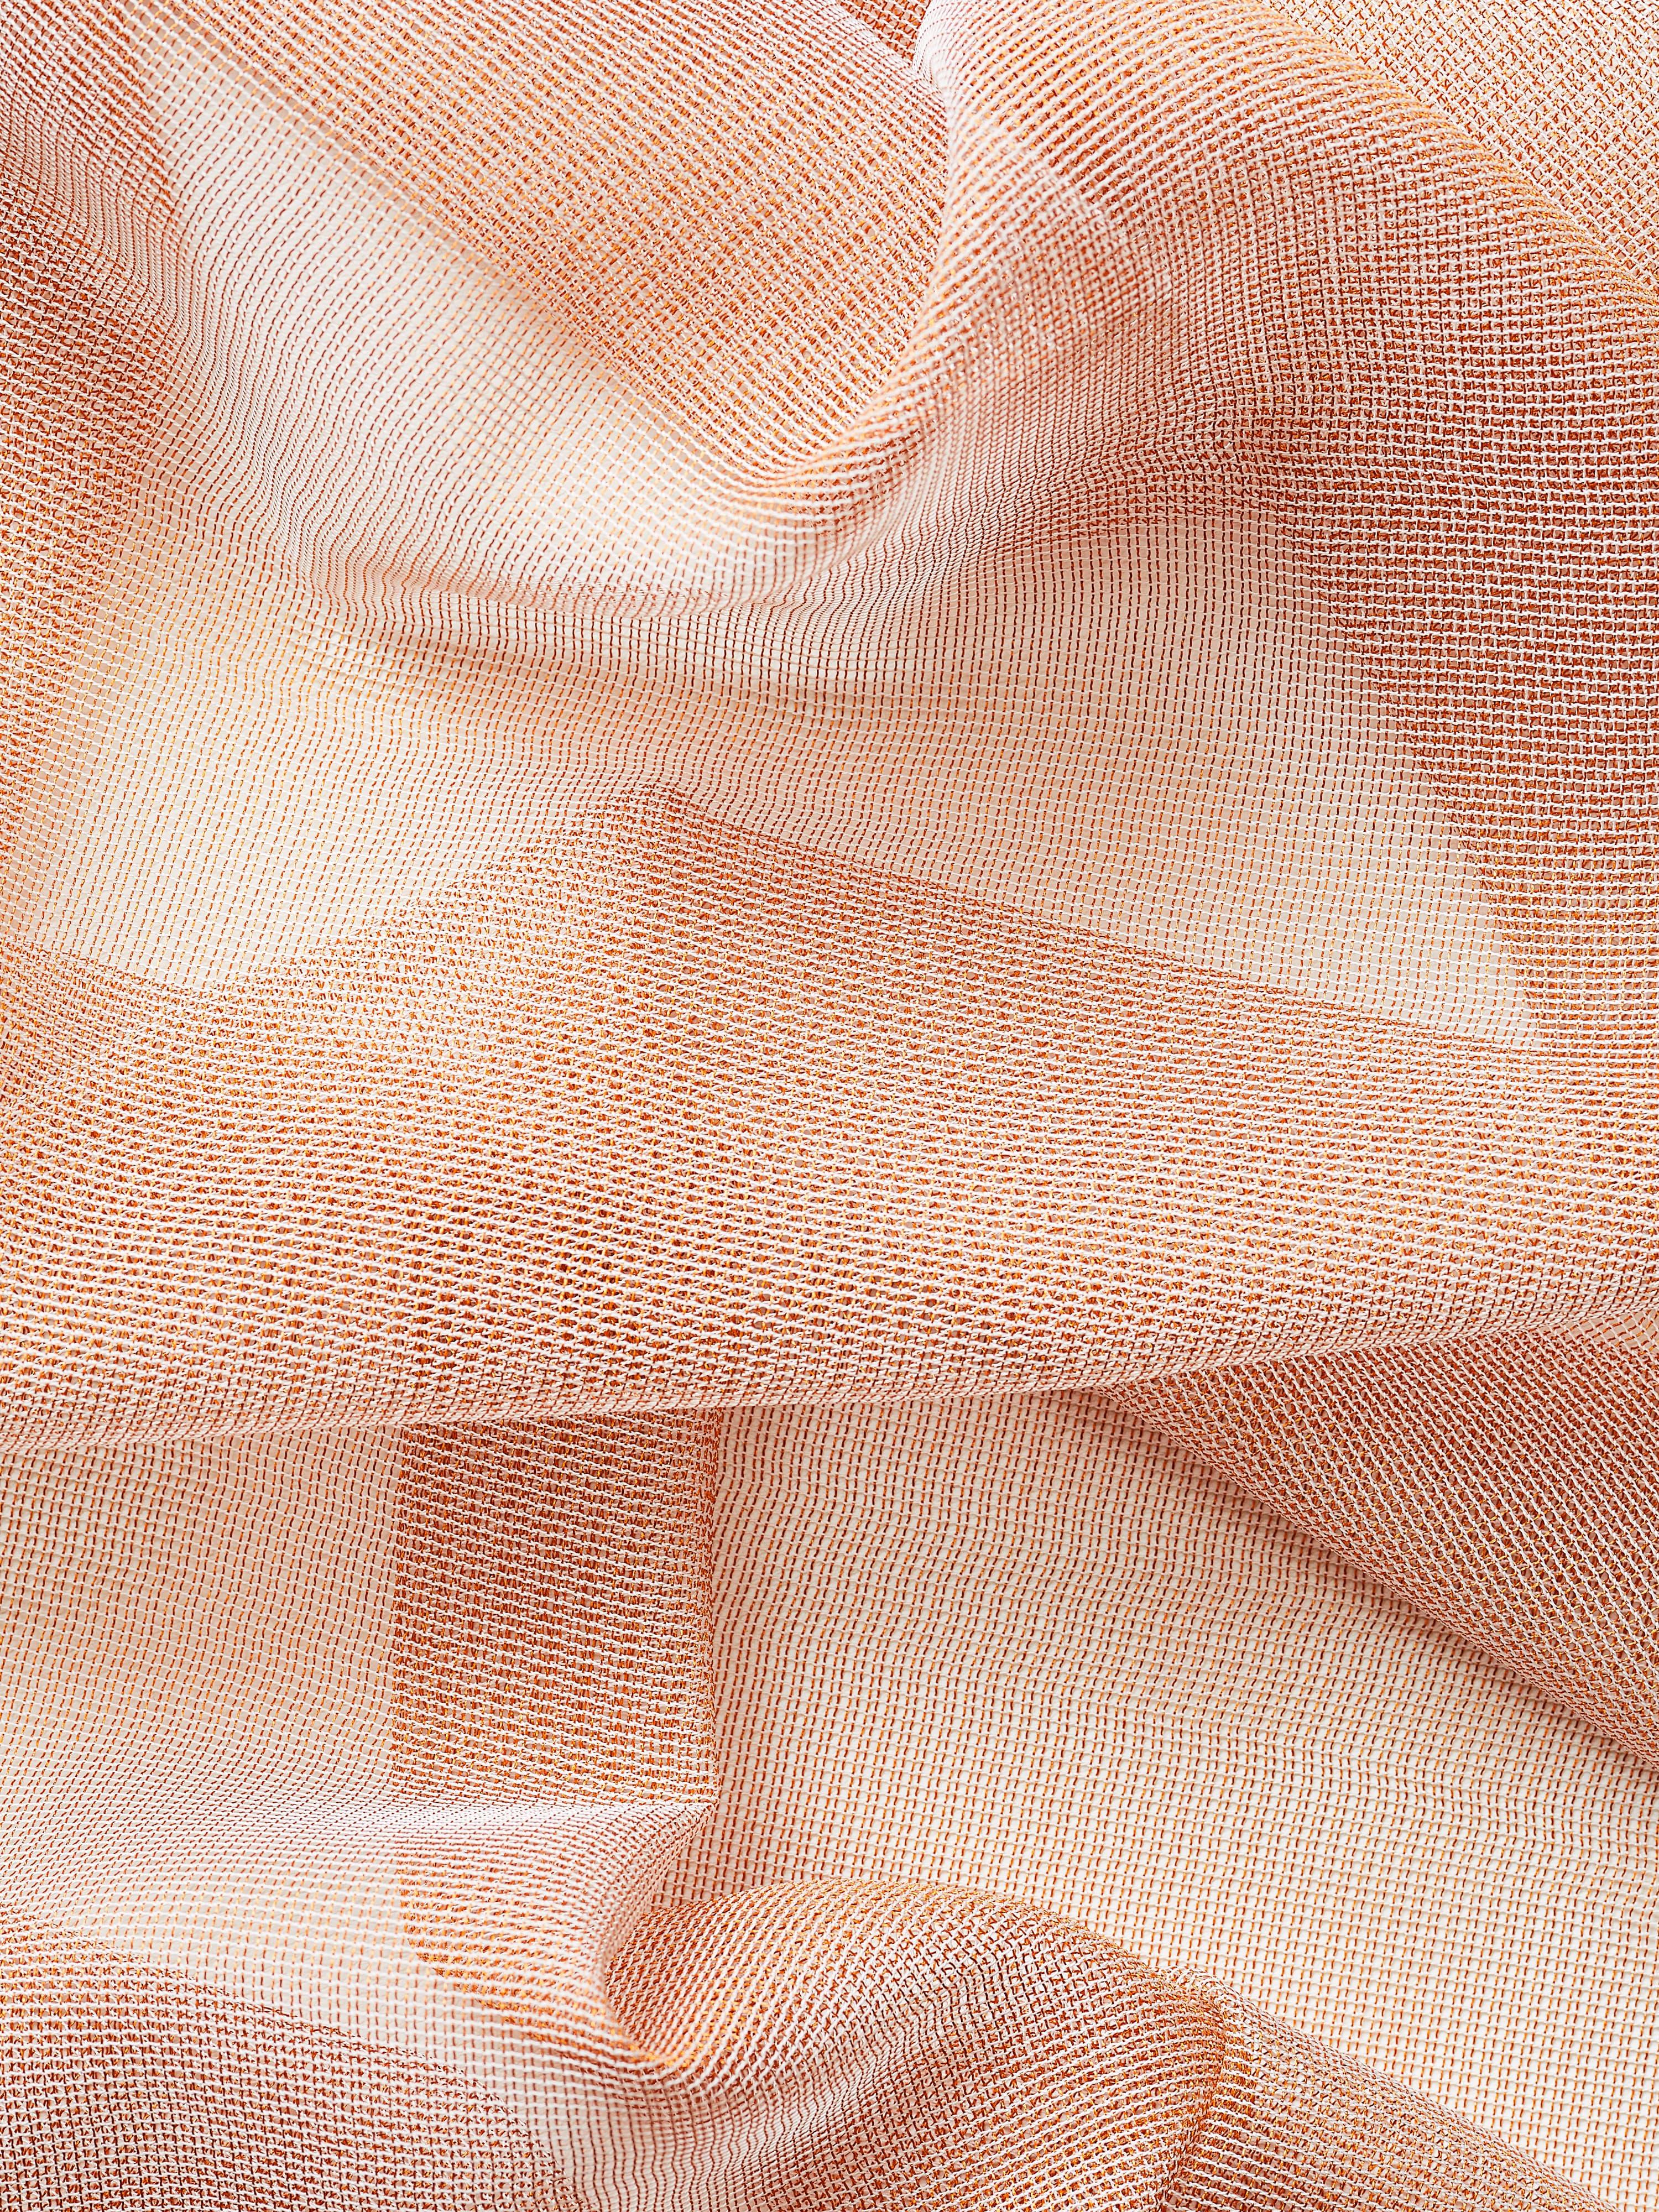 Zulu Fabric